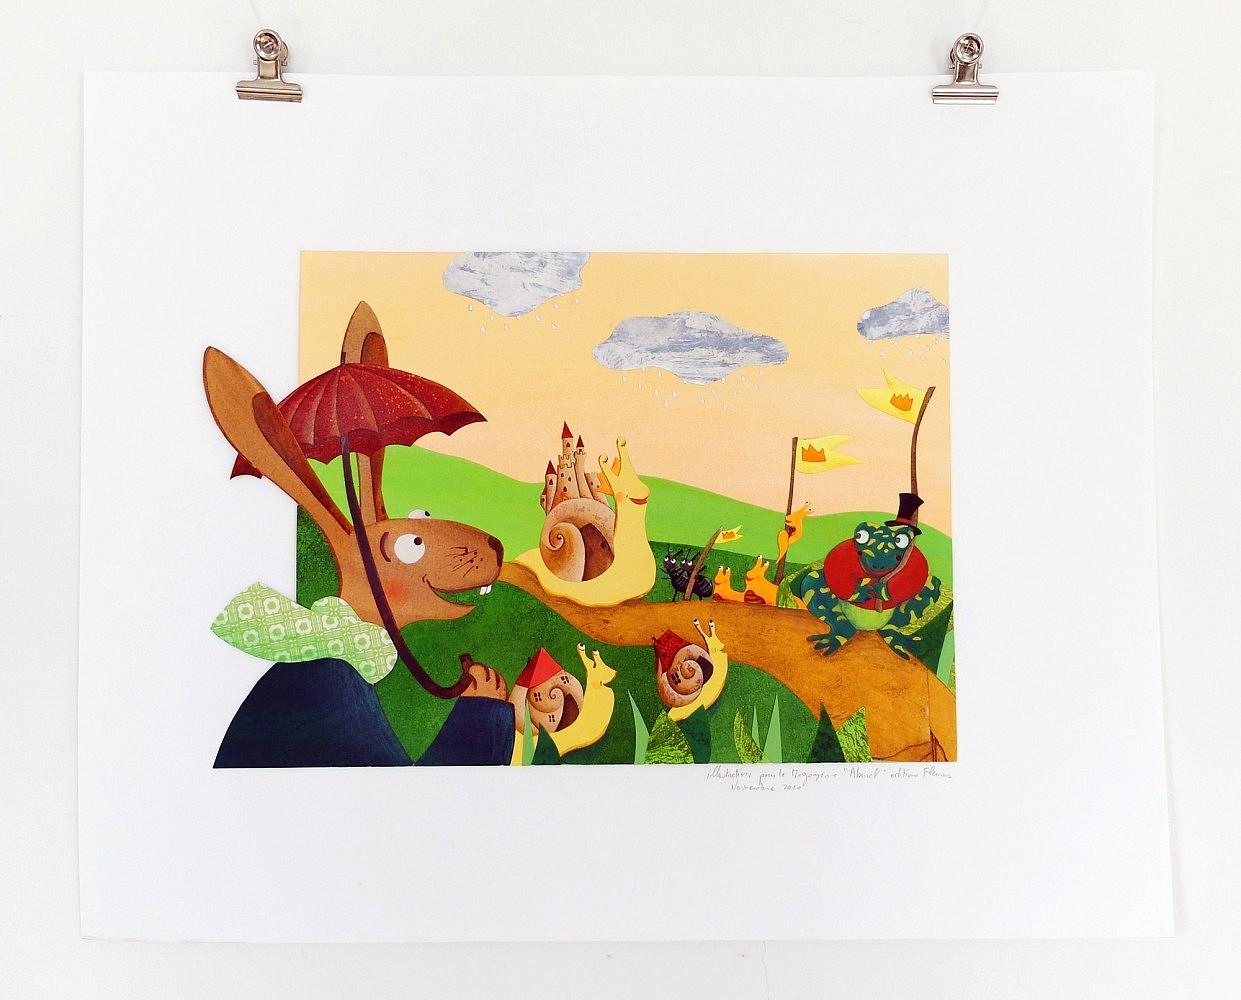 ref-I-001-2010-r | ref-I-001-2010,<br/>Illustration originale - Format 50 x 40 cm<br/> Prix de vente 250€ + 8€ de frais d'expédition